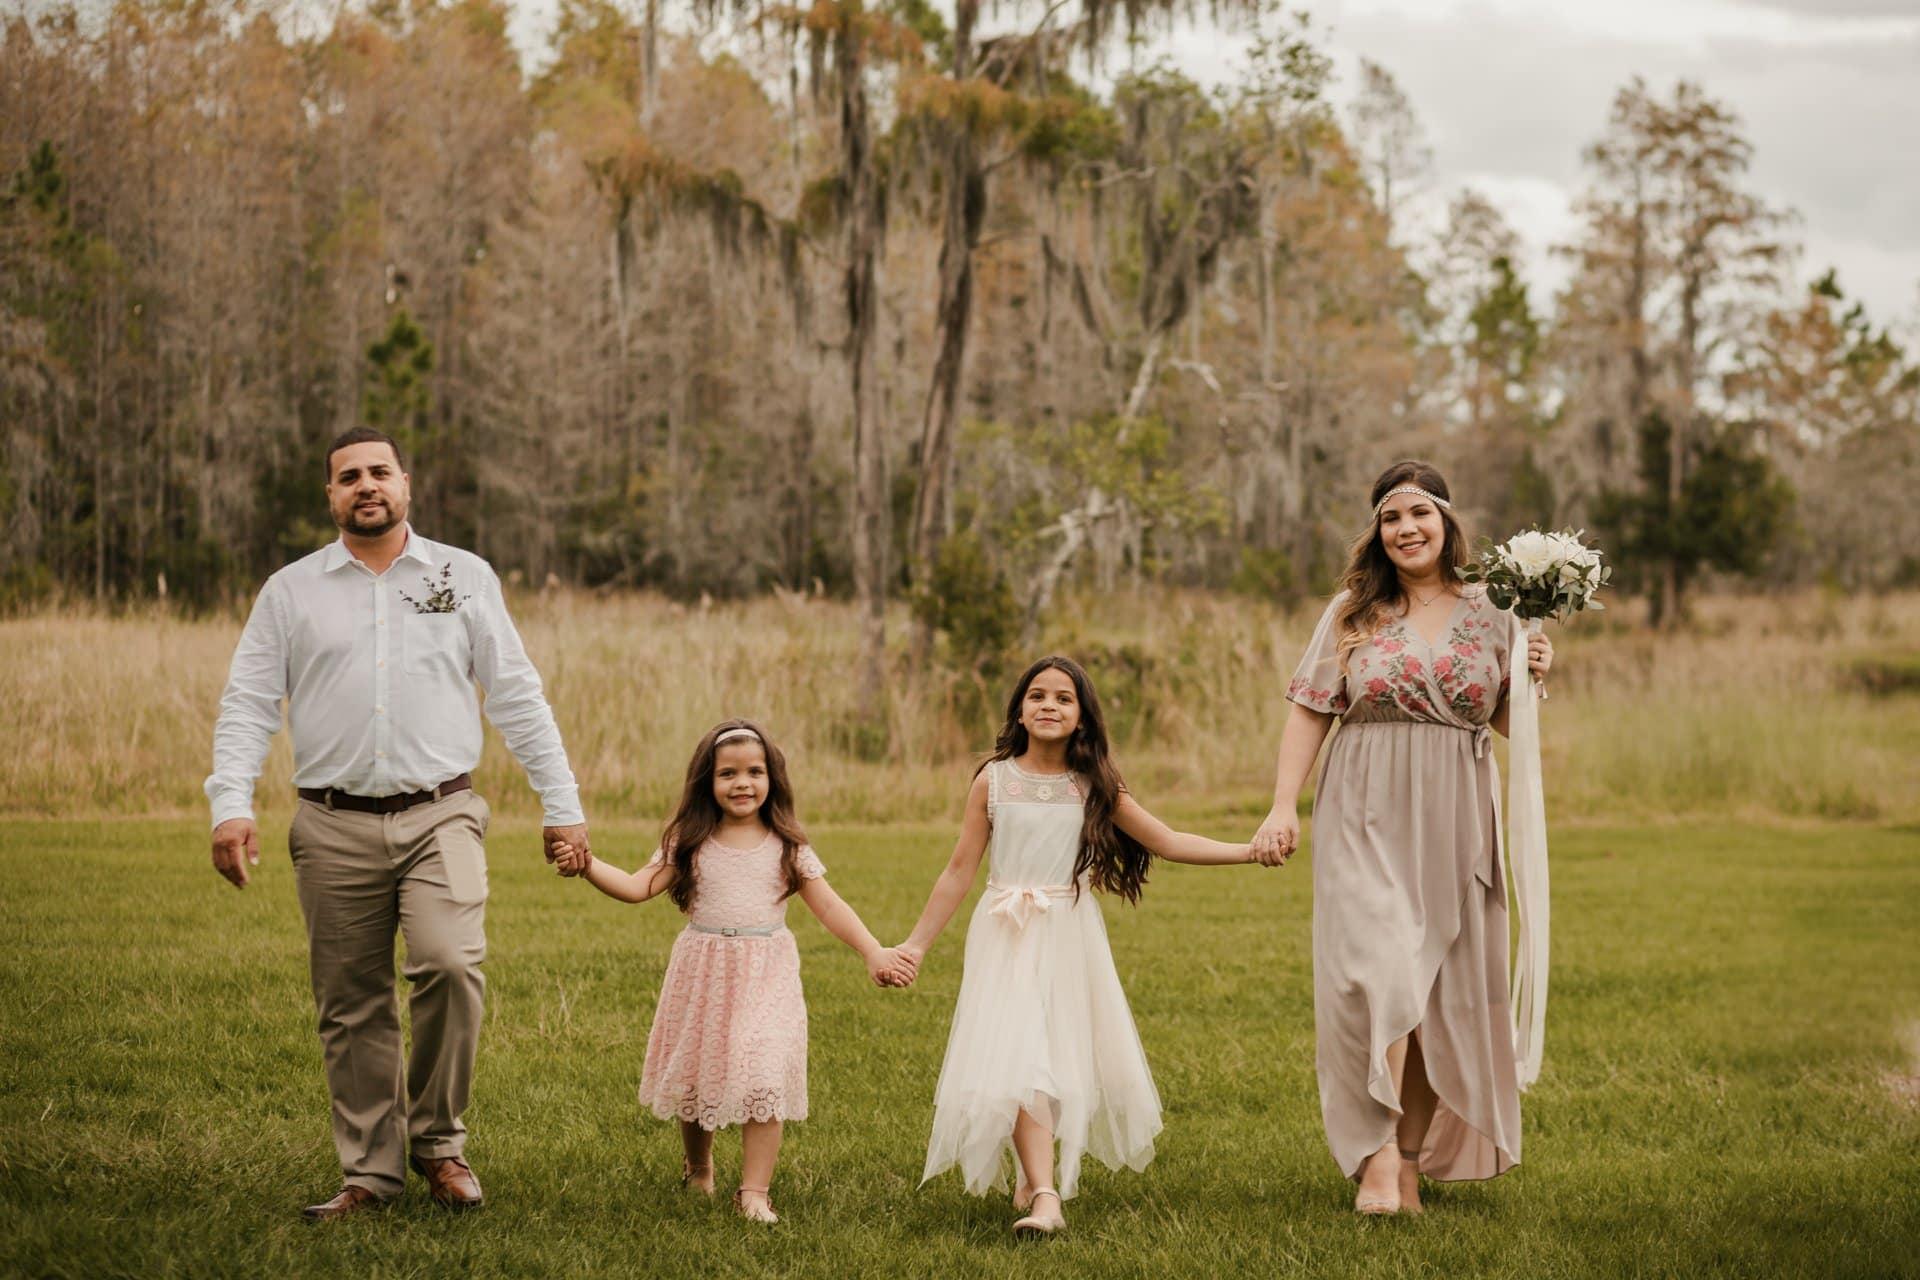 Family walking in the field